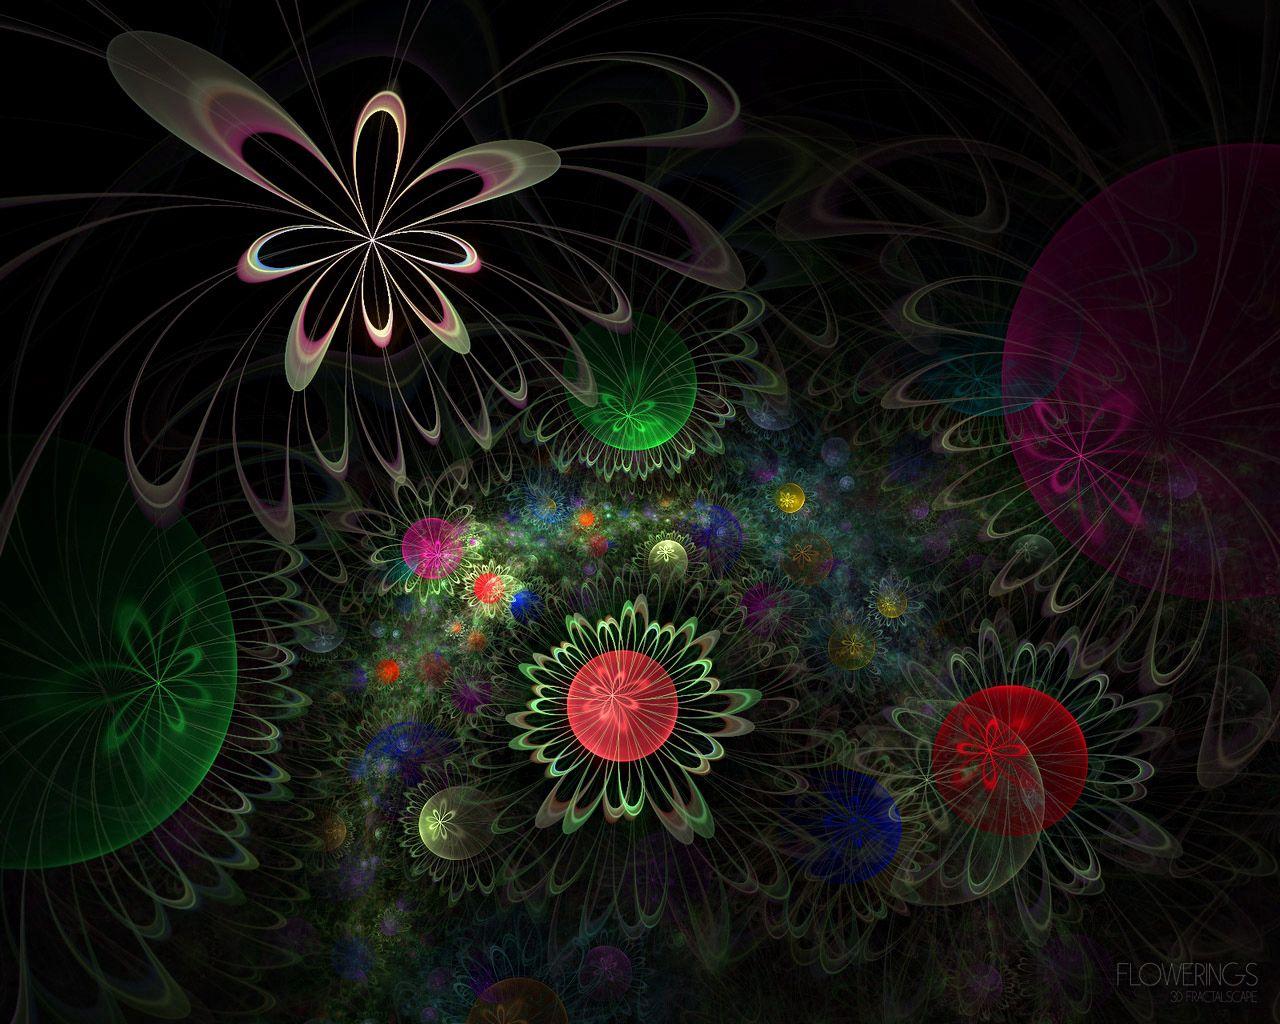 109157 скачать обои Абстракция, Формы, Круги, Фрактал, Цветы - заставки и картинки бесплатно